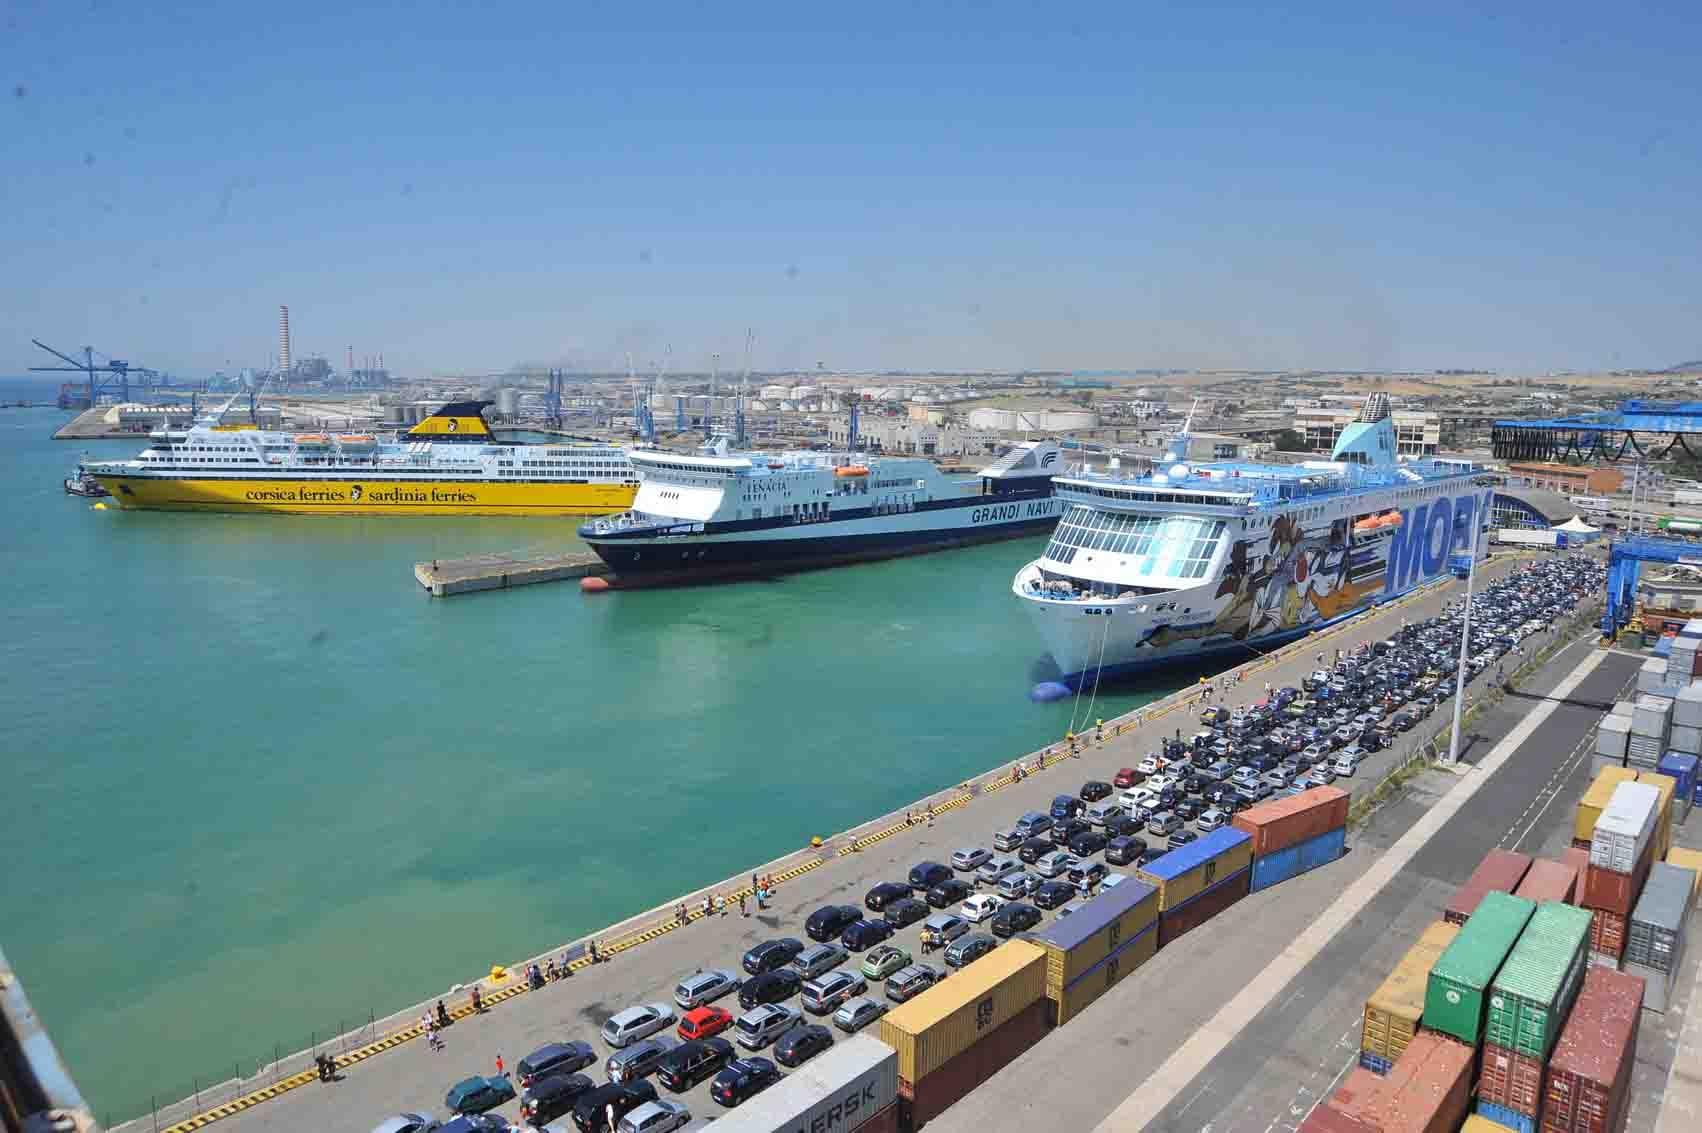 Fumi in porto a civitavecchia mentitto roma cruise - Port of civitavecchia cruise terminal ...